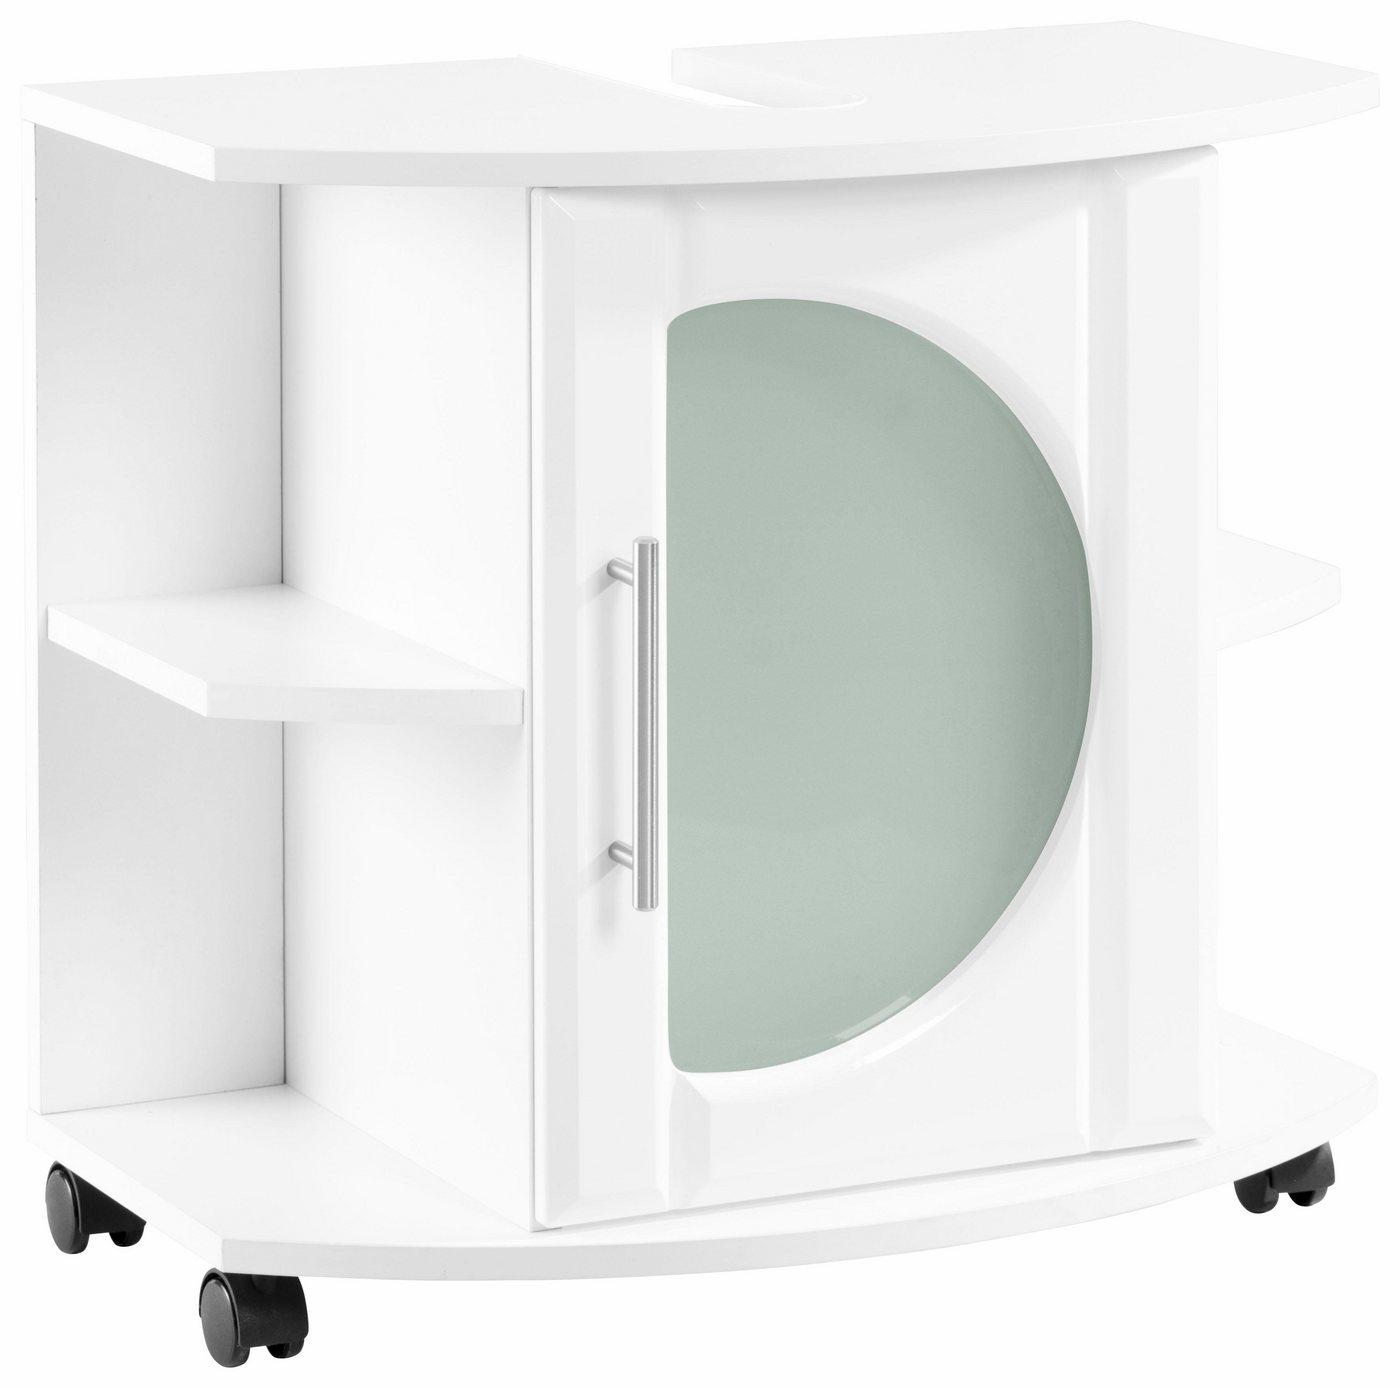 waschbecken ablage machen sie den preisvergleich bei nextag. Black Bedroom Furniture Sets. Home Design Ideas